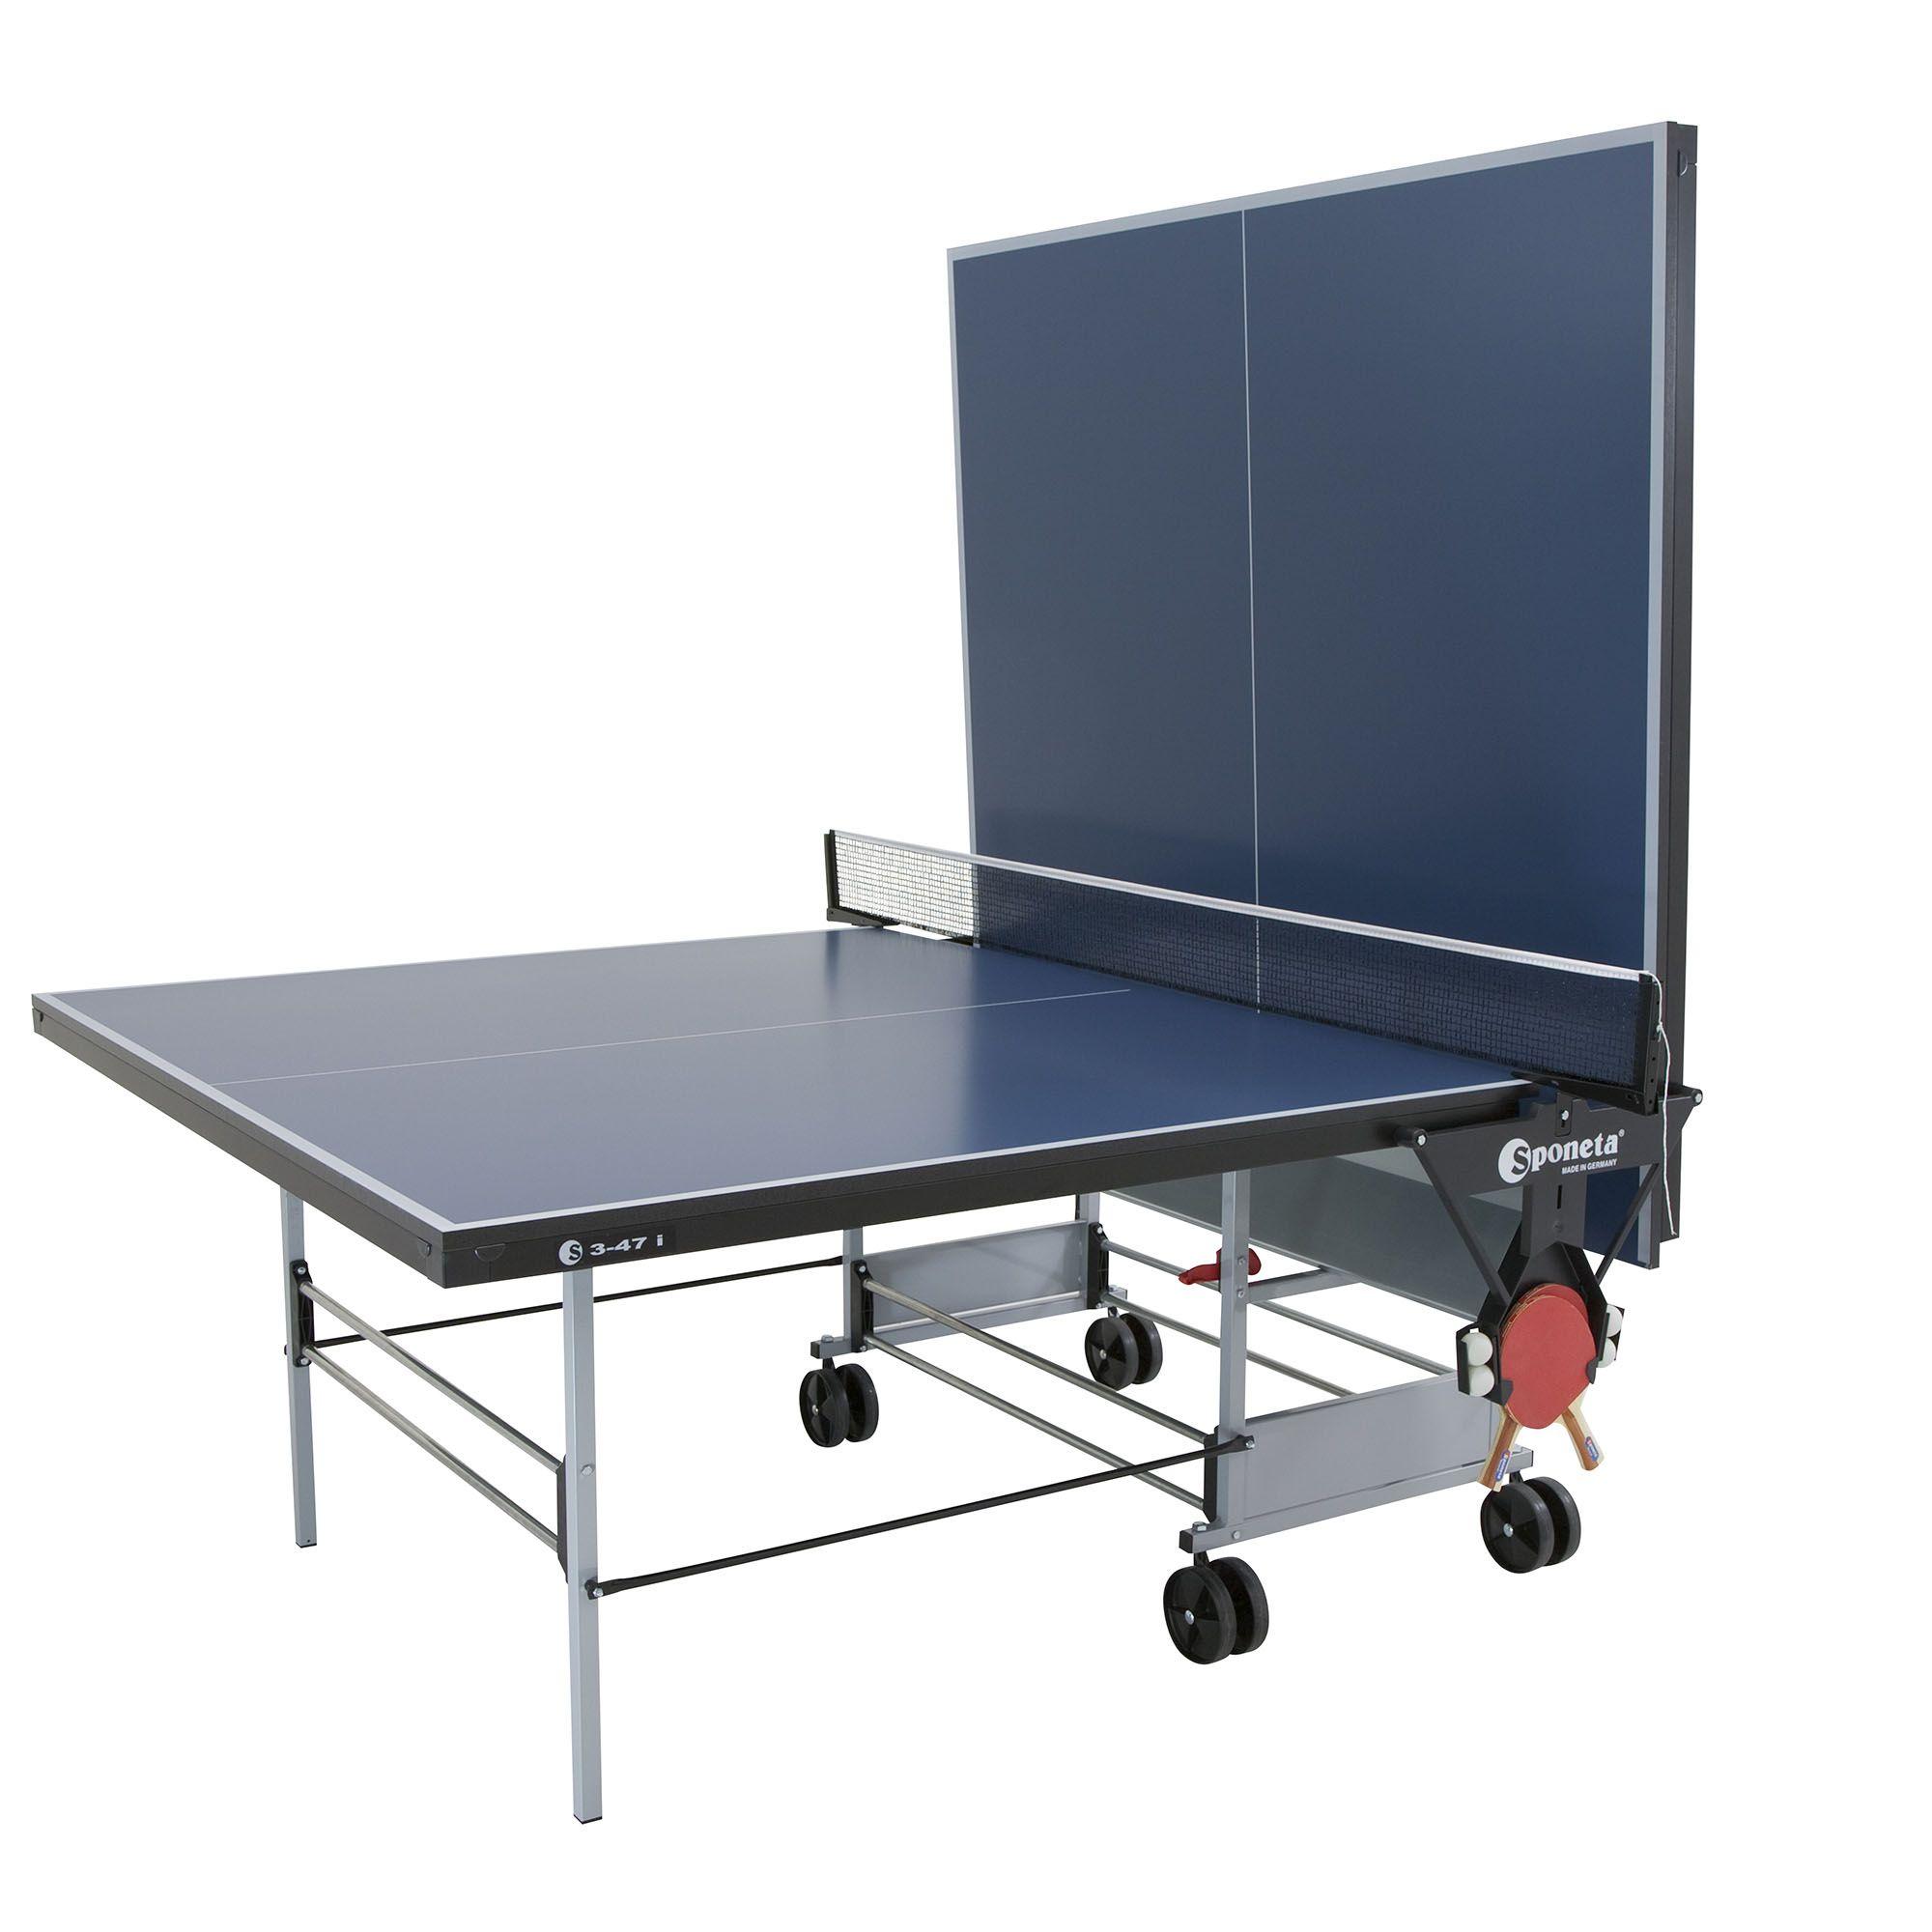 Sponeta sportline rollaway indoor table tennis table - Sponeta table tennis table ...